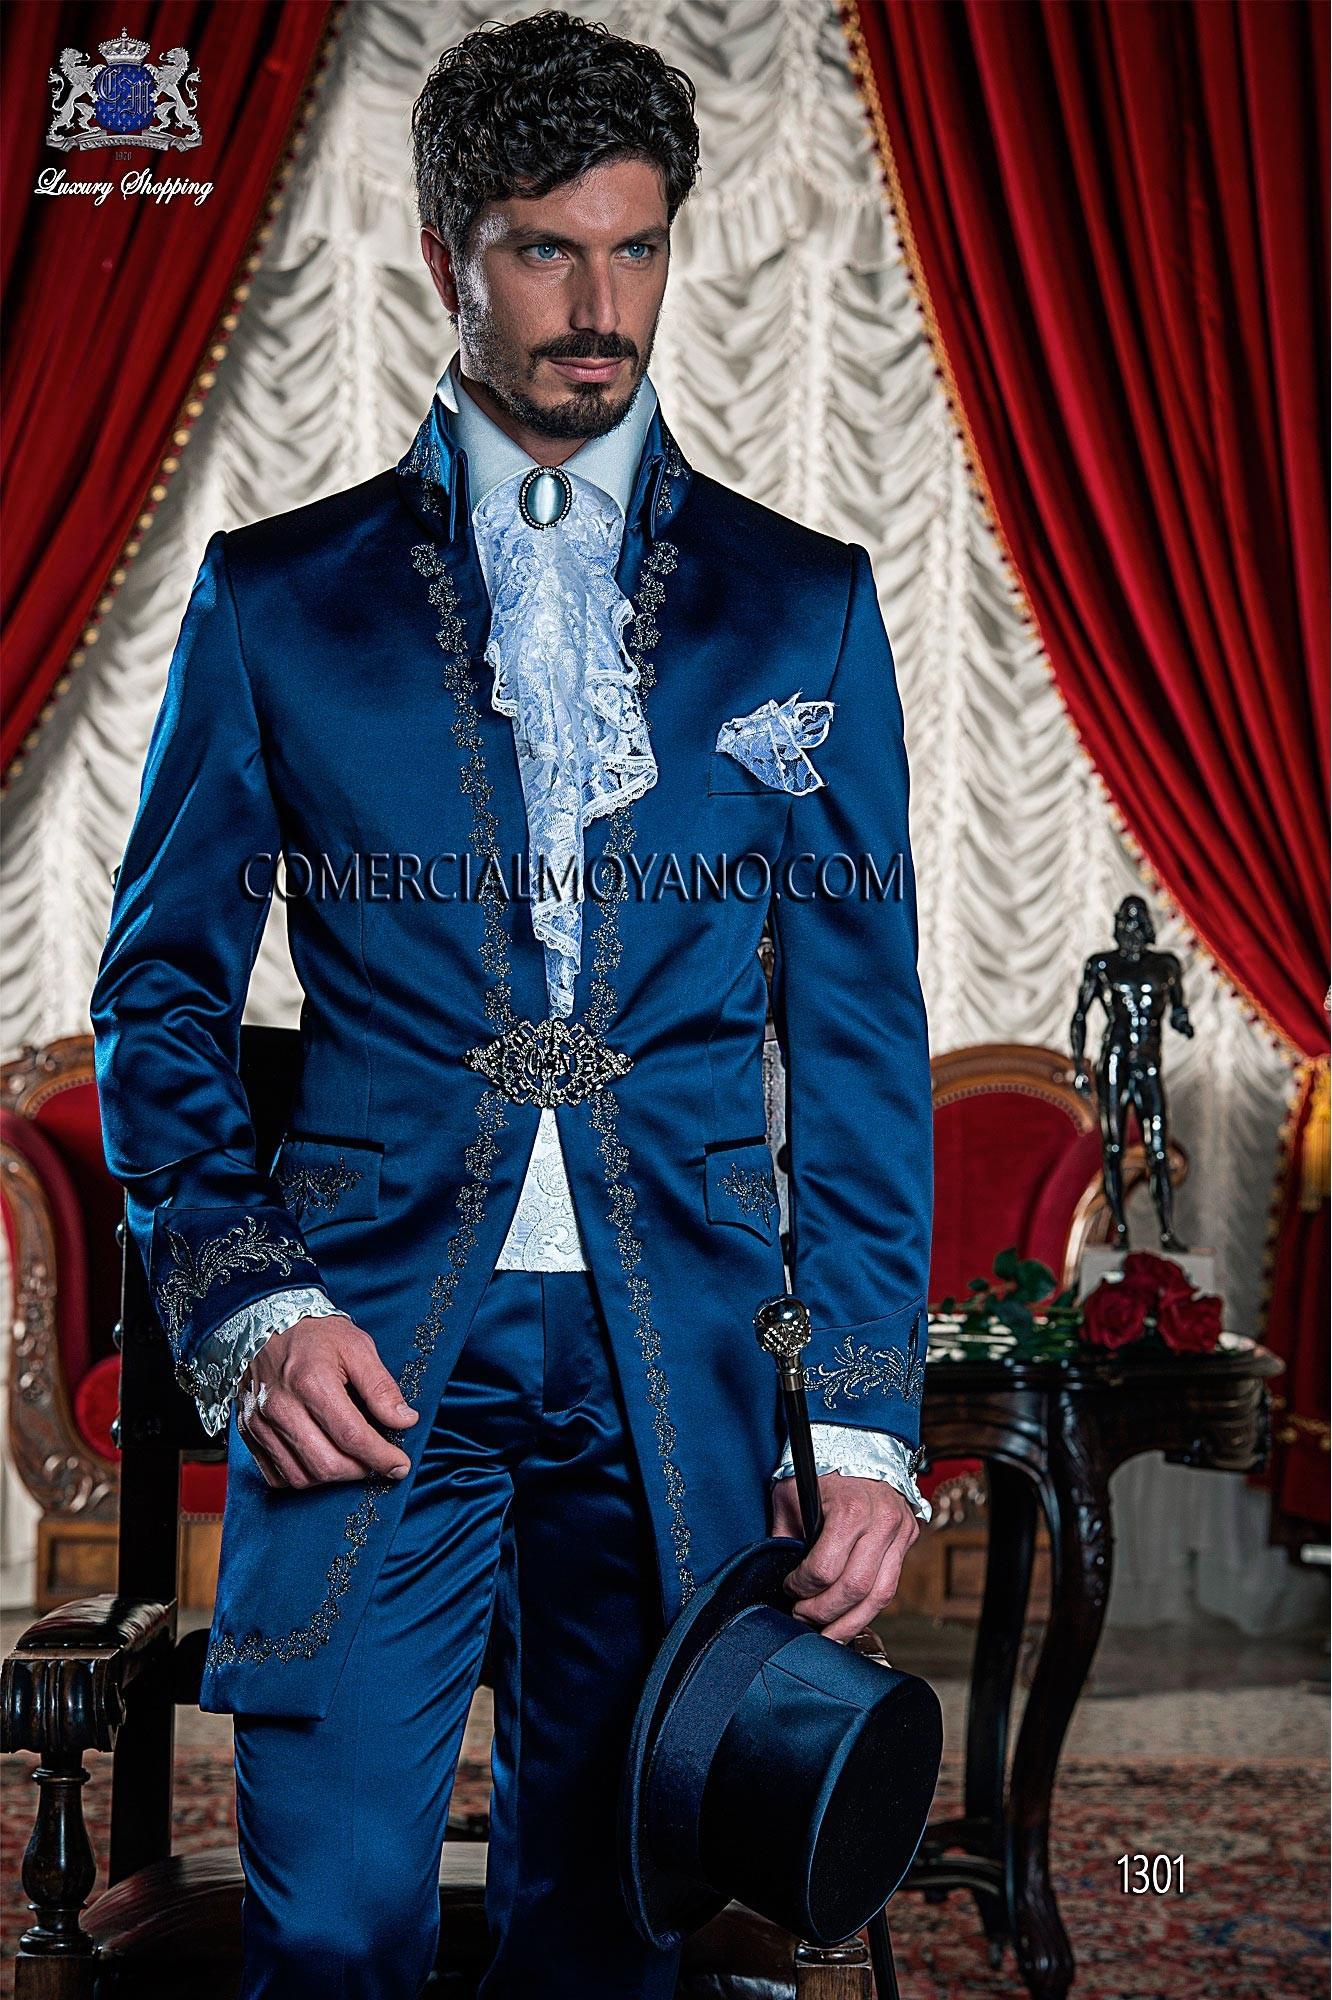 Traje de época redingote azul con bordado plata.